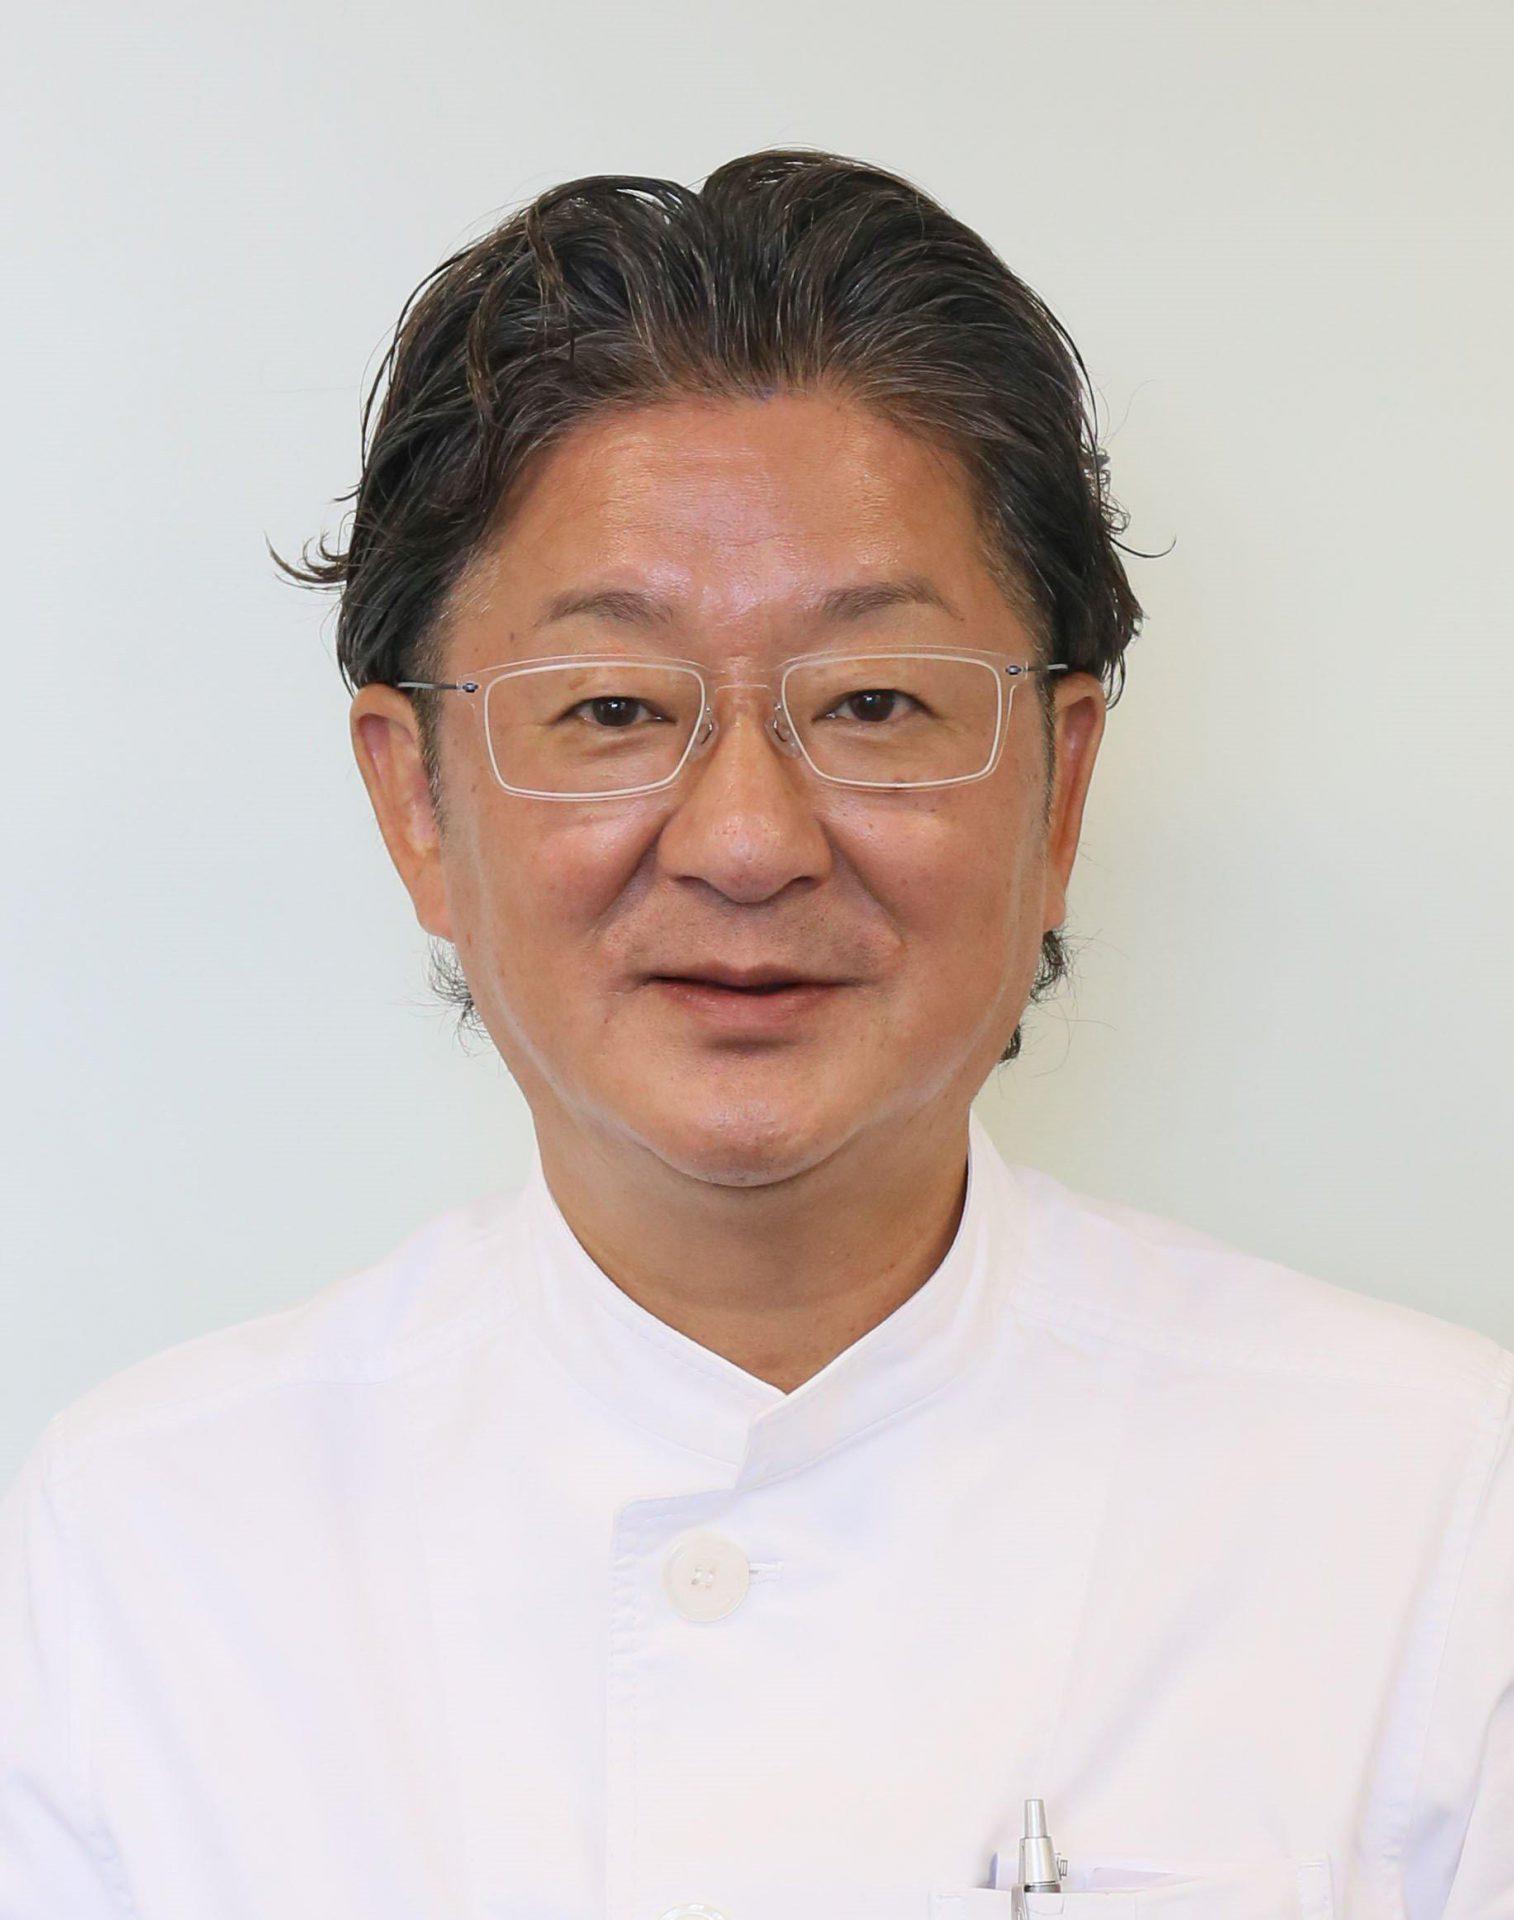 伊藤病院(甲状腺疾患専門)院長 伊藤公一